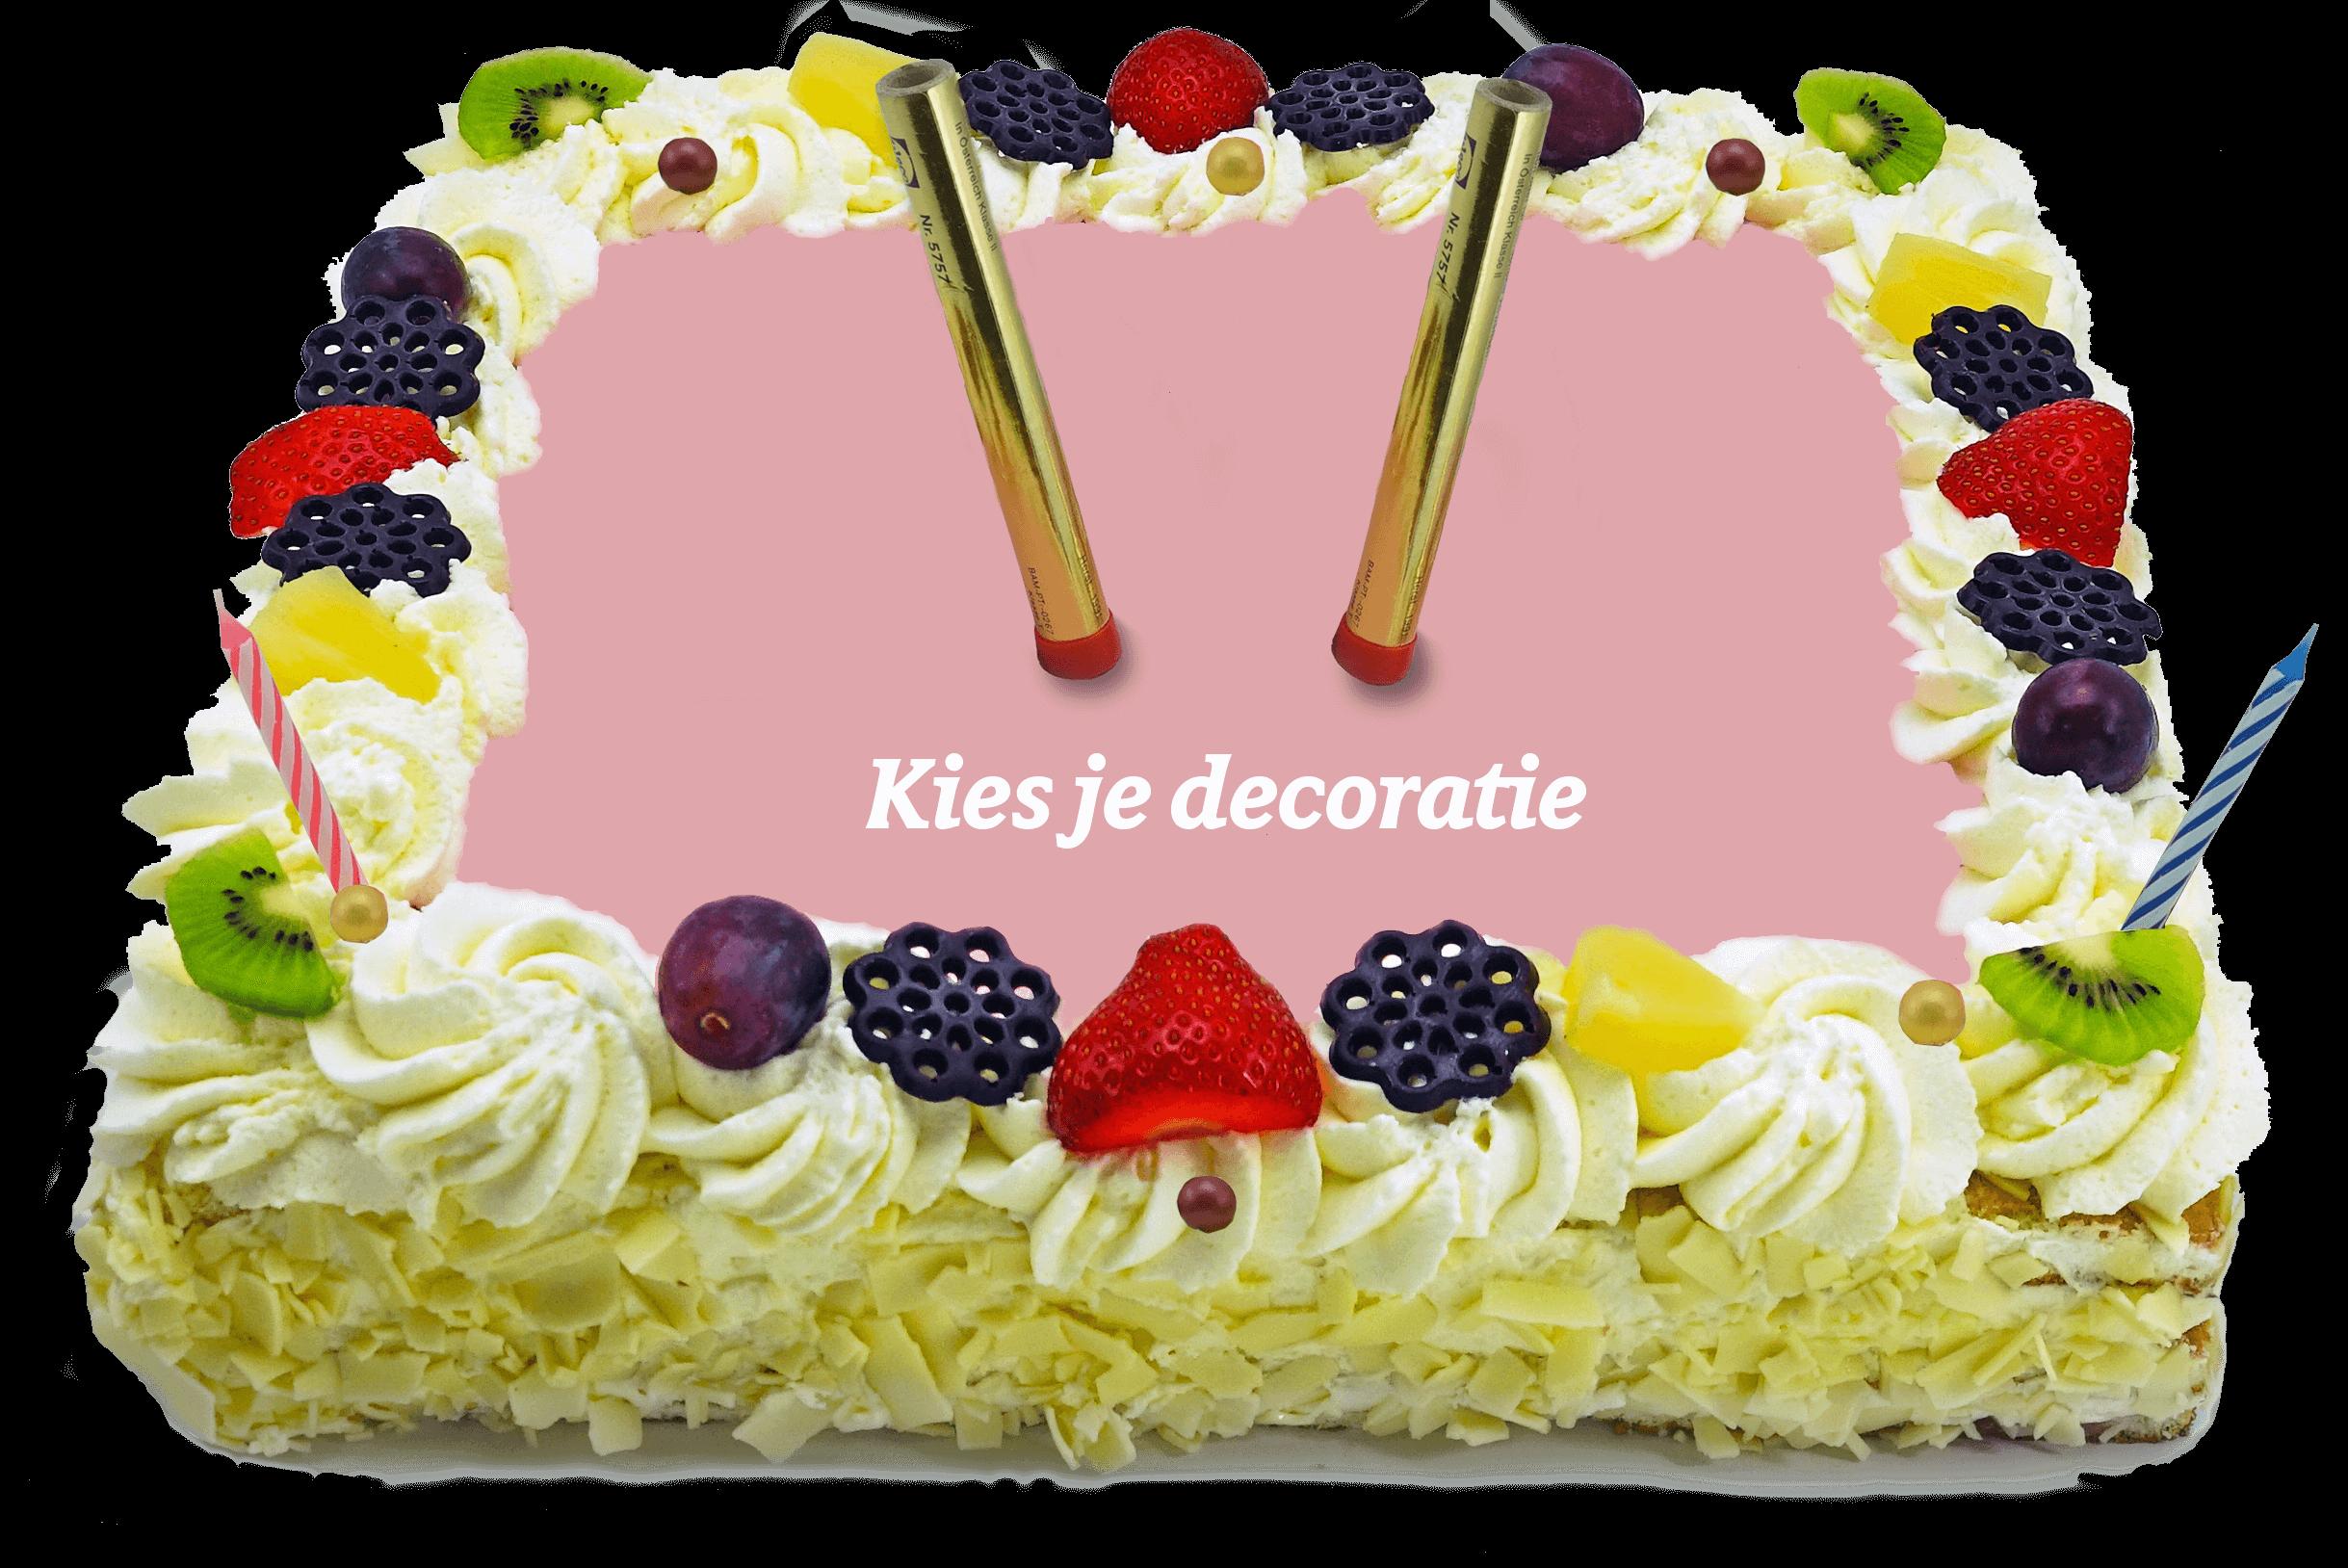 Decoratie taart bakkerij kwakman 3